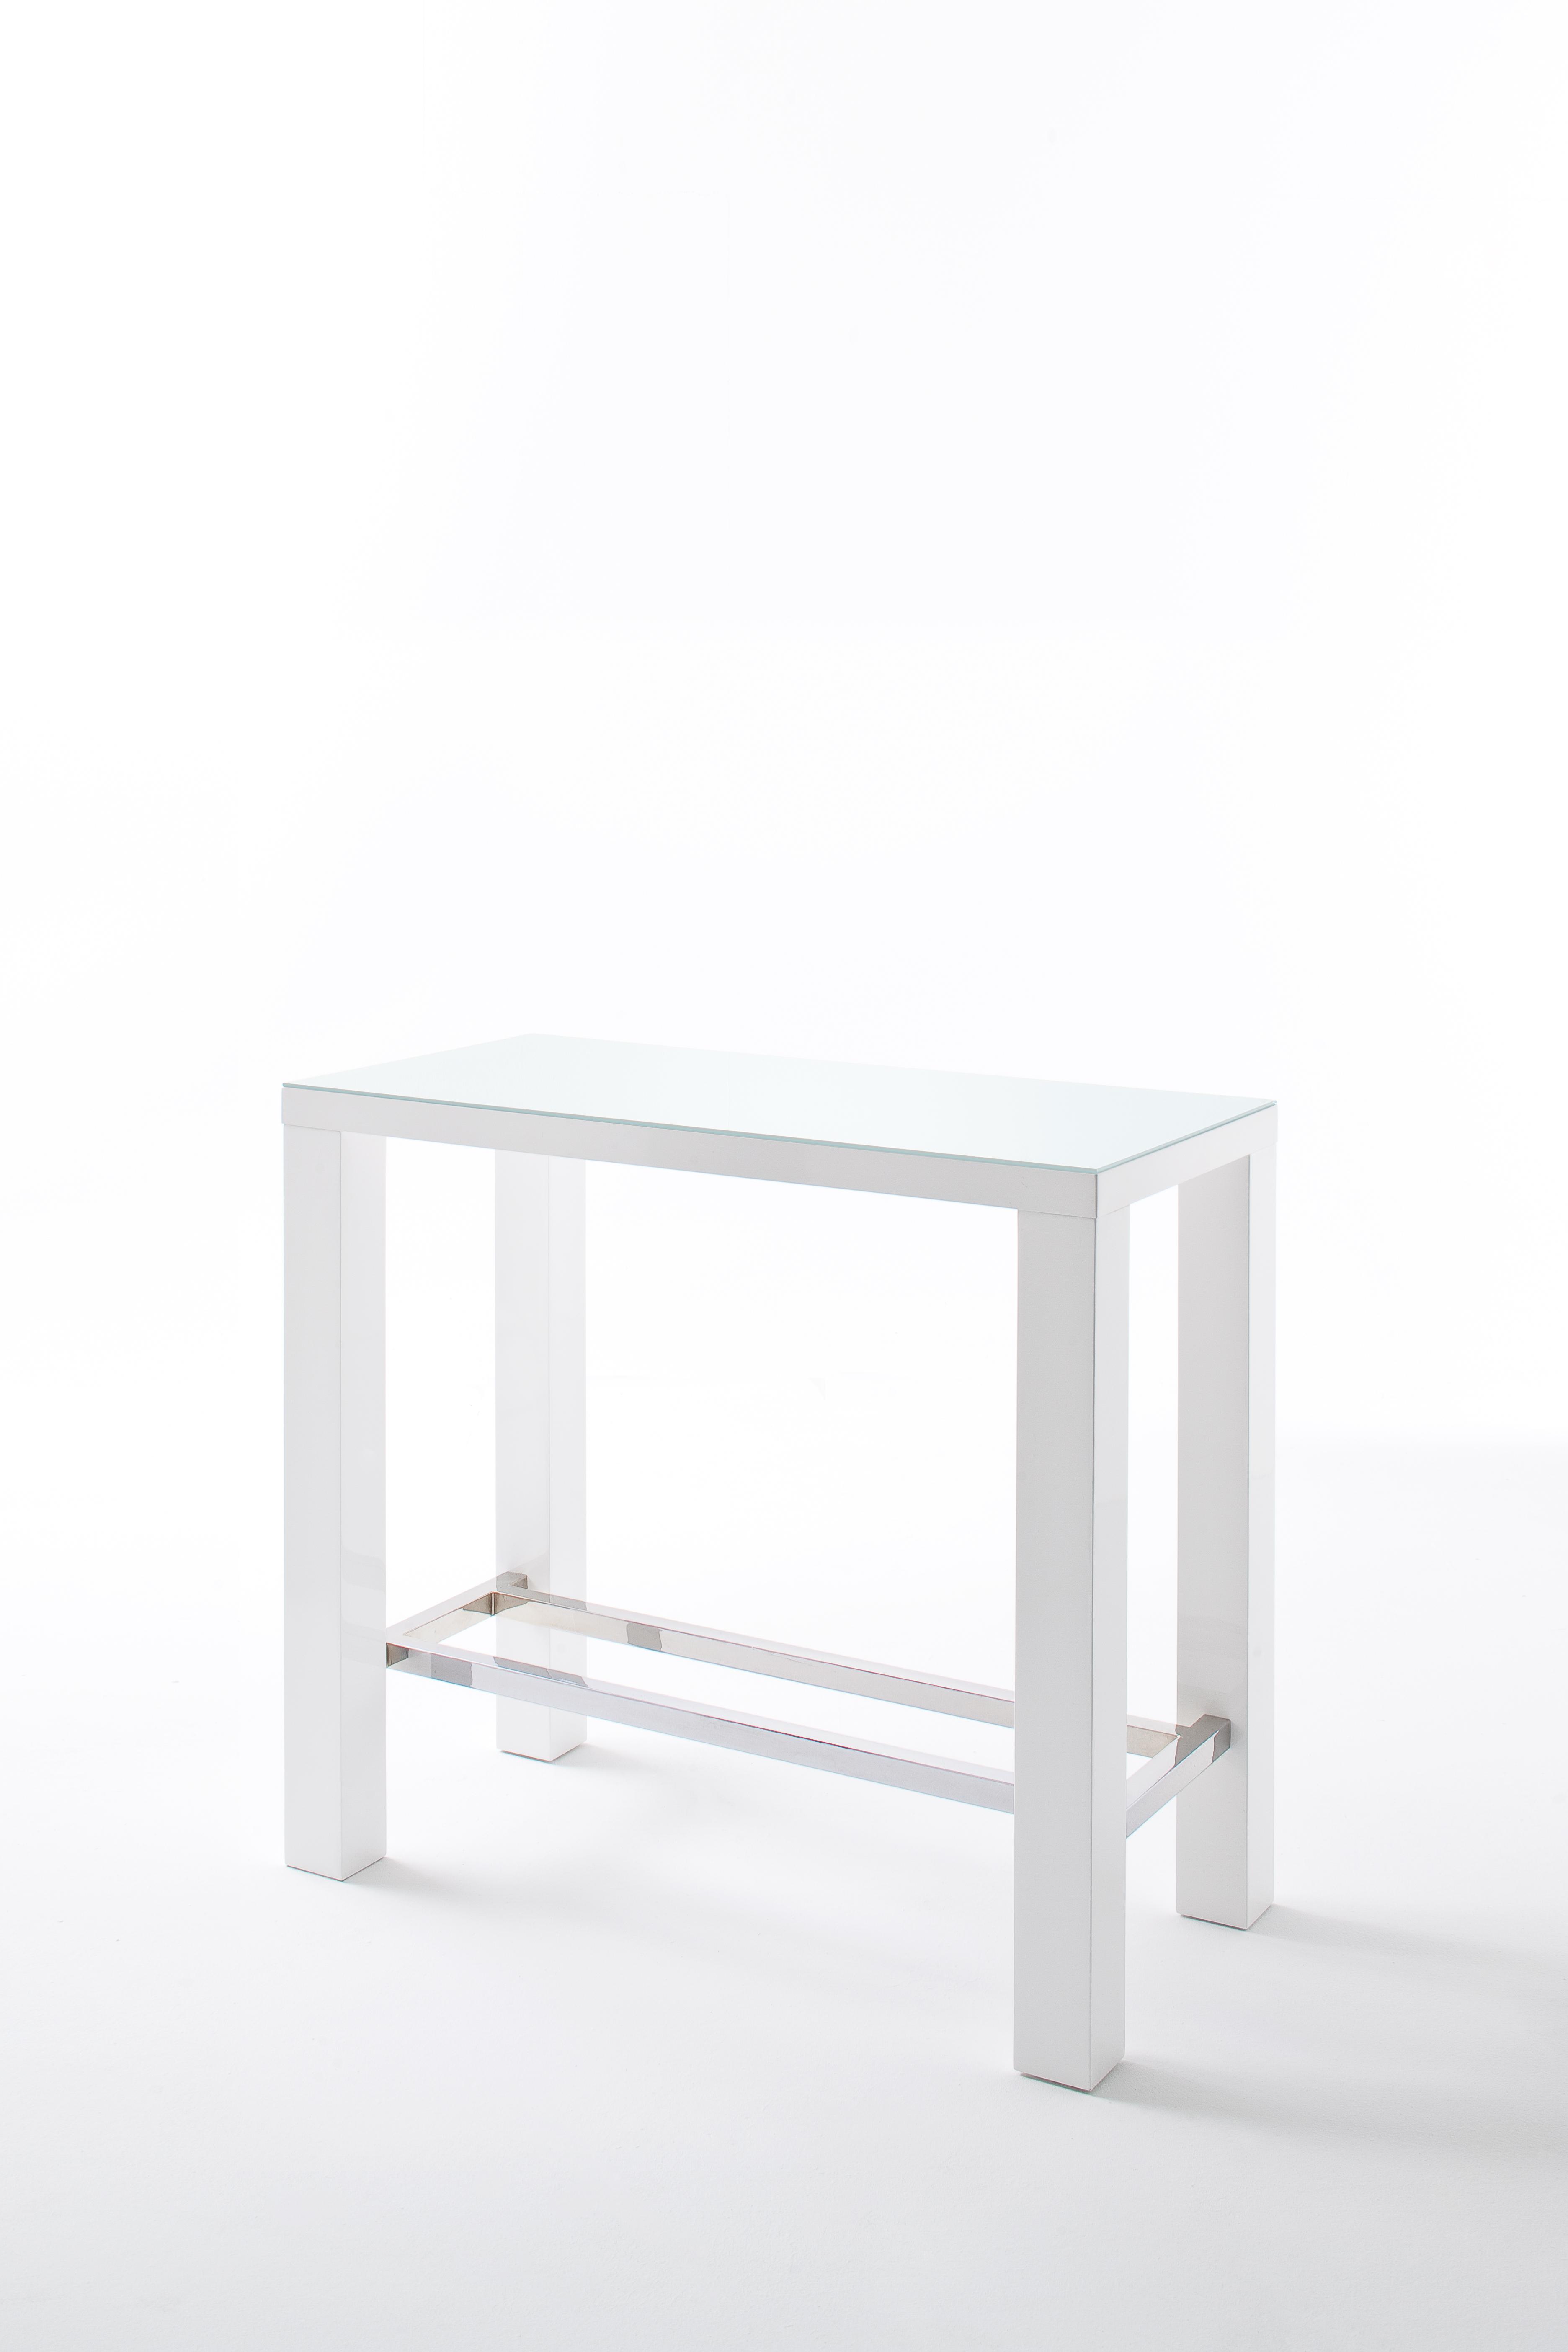 Jelly Bartisch Hochglanz Weiß 120x107x60